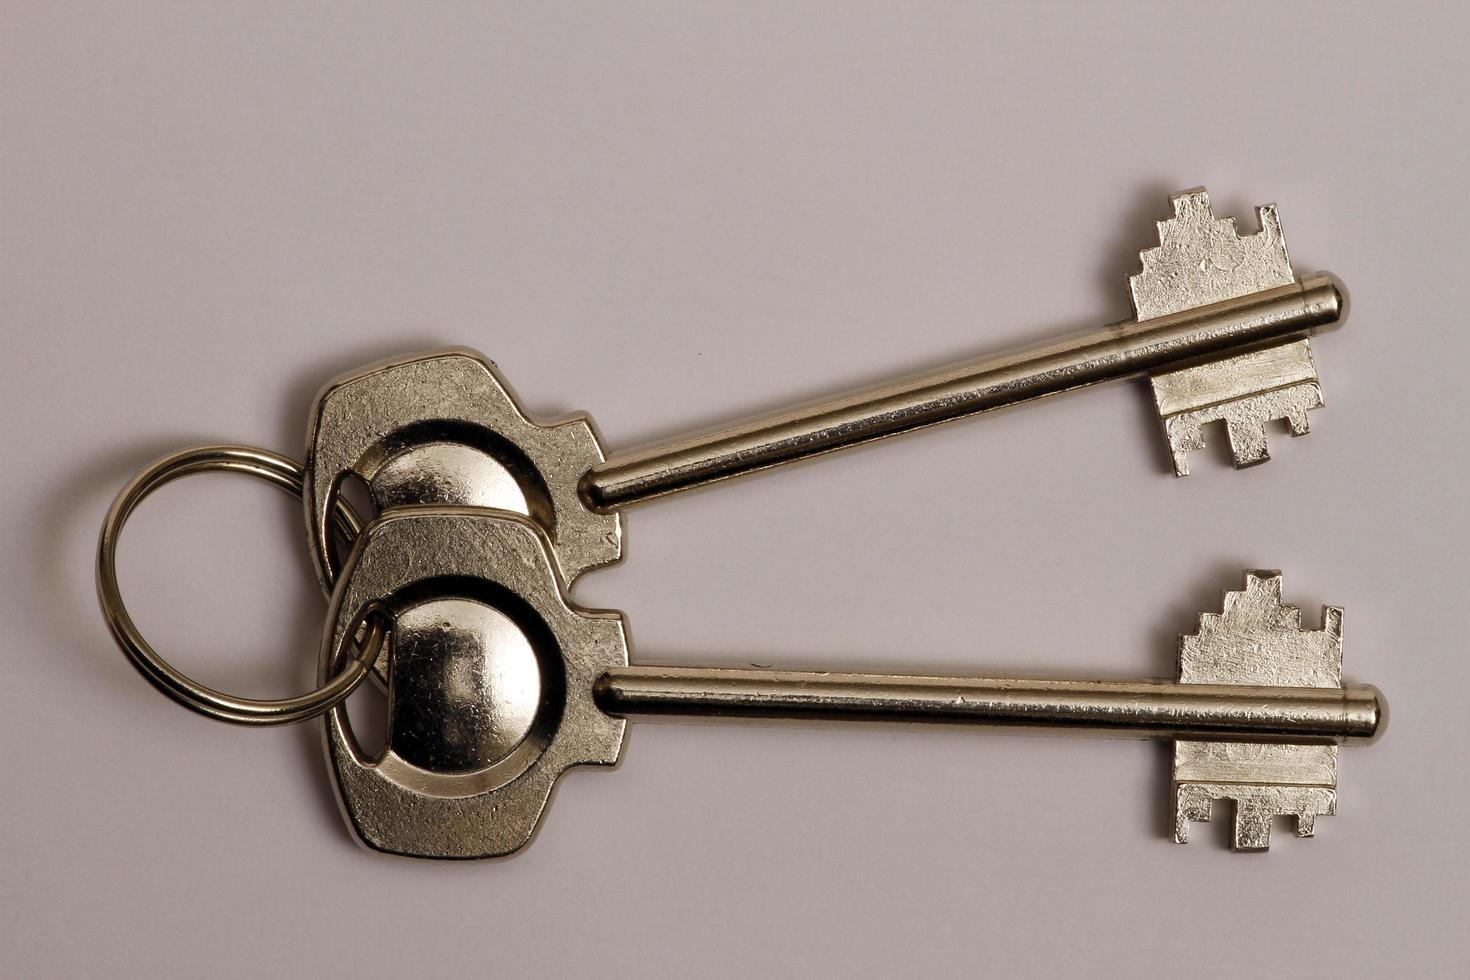 la vecchia chiave della serratura meccanica utilizzata nelle porte interne delle case. foto